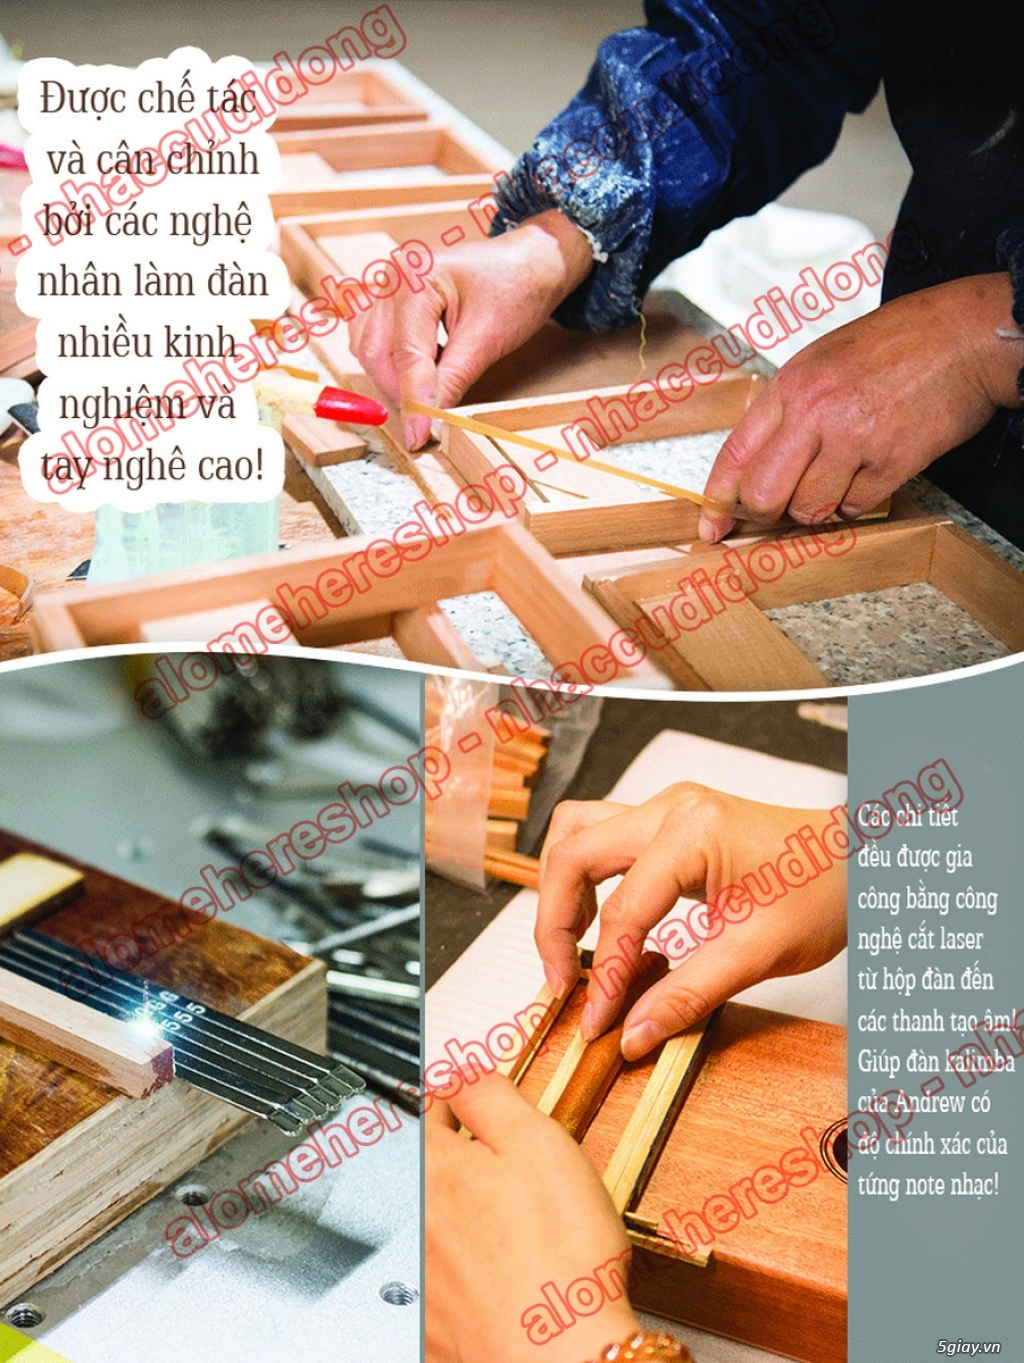 [Kalimba Shop] Chuyên các loại đàn Kalimba 10 15 17 phím, phụ kiện DIY - 3